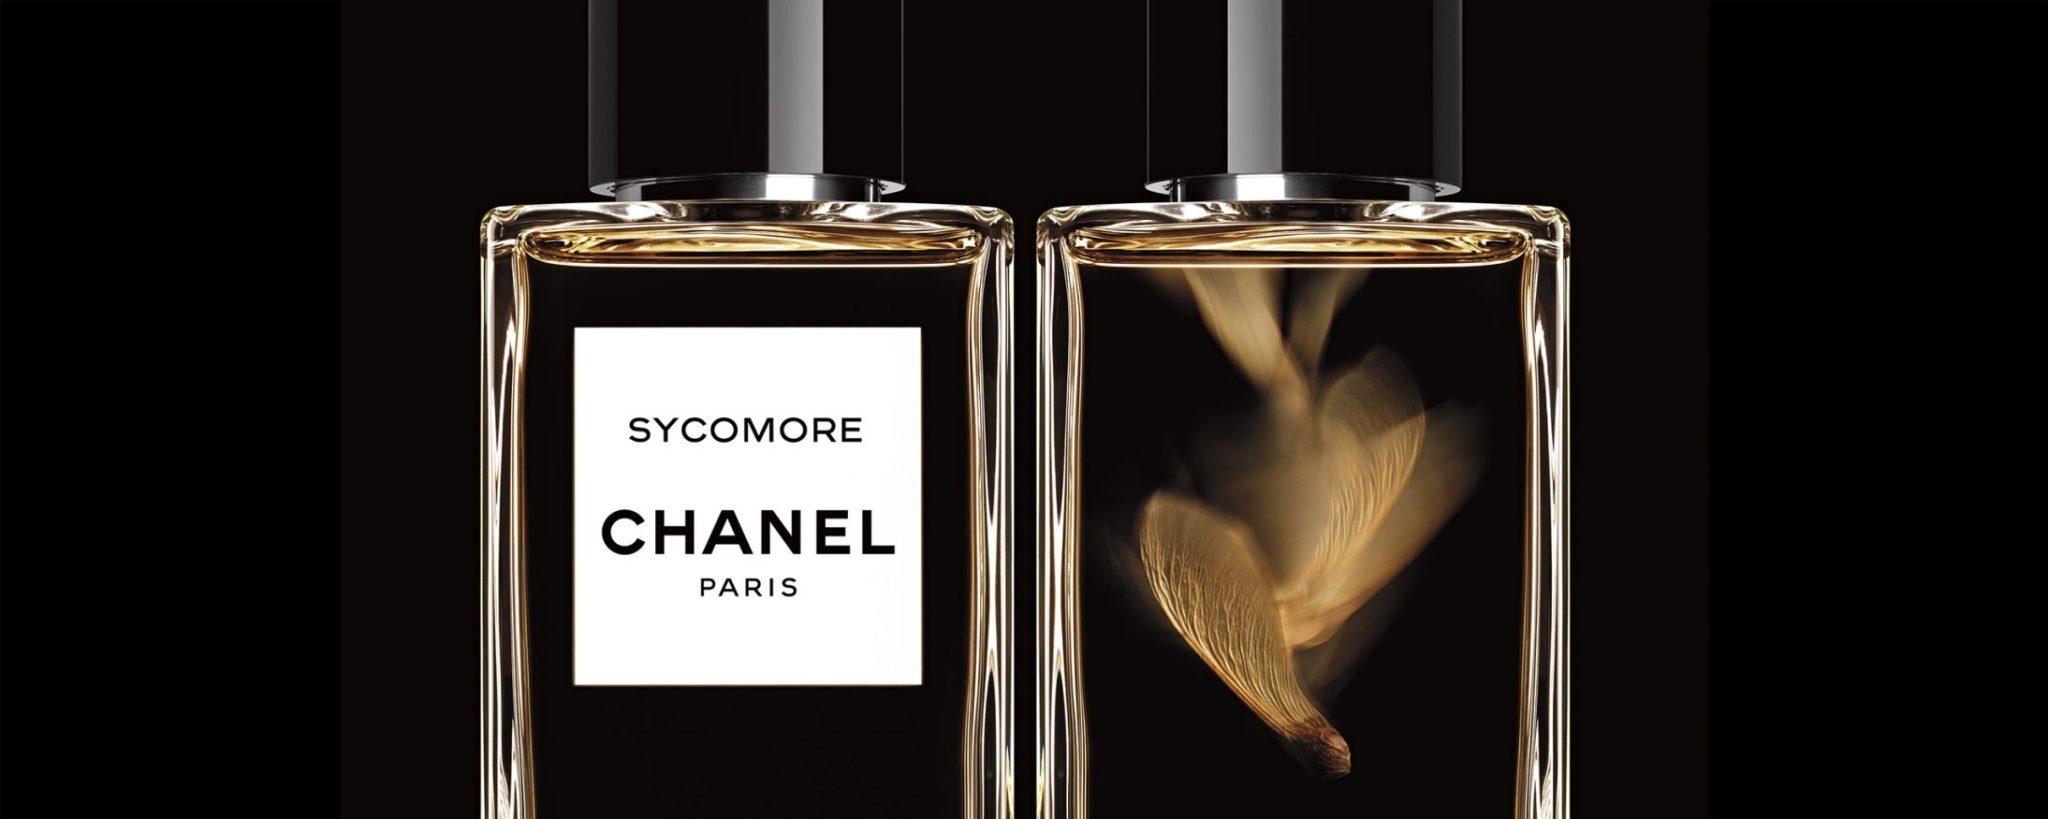 Chanel Les Exclusifs Sycomore eau de parfum Esprit de Gabrielle espritdegabrielle.com